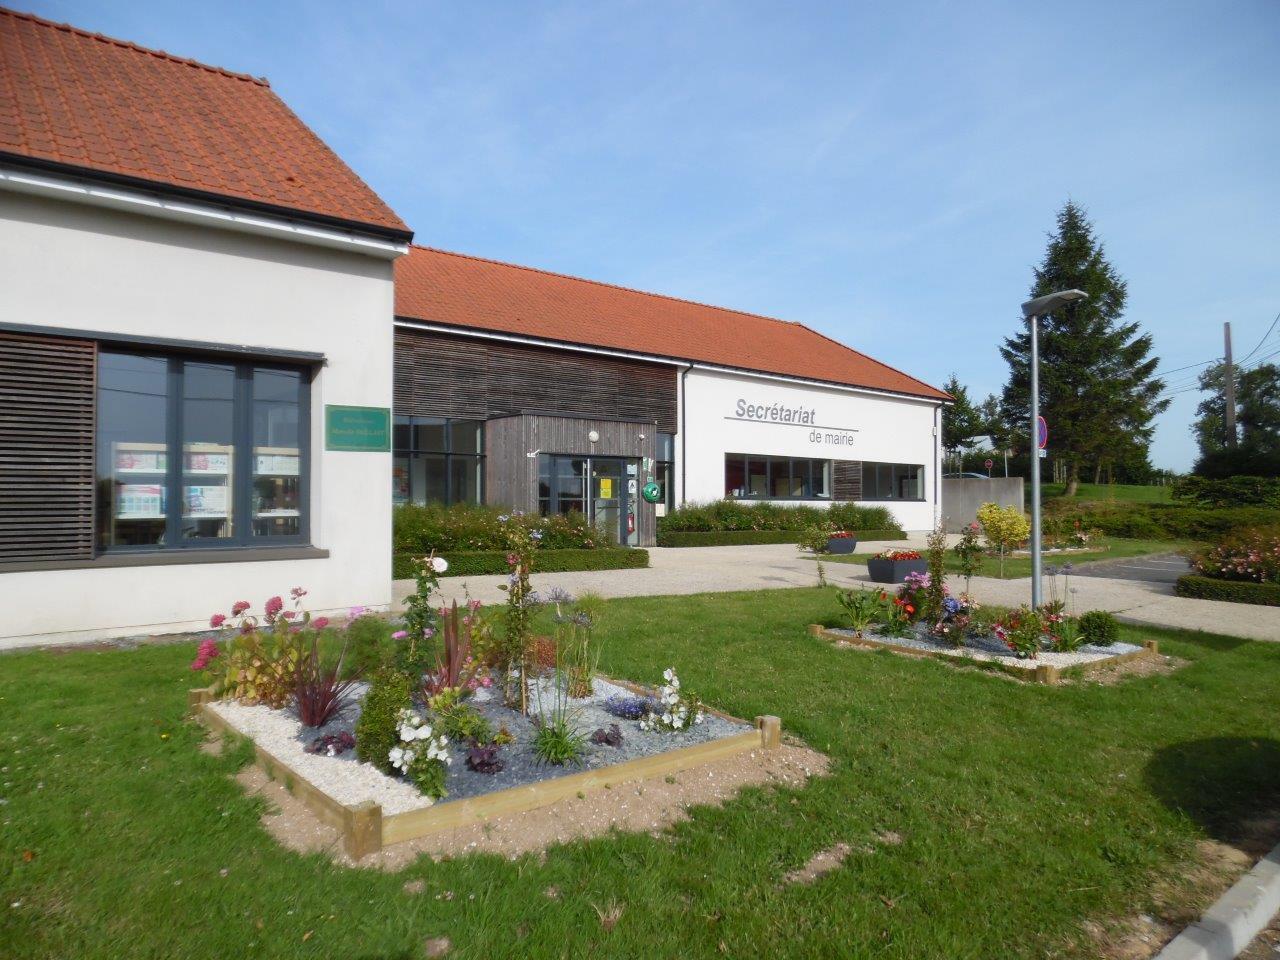 Nortbécourt (2)